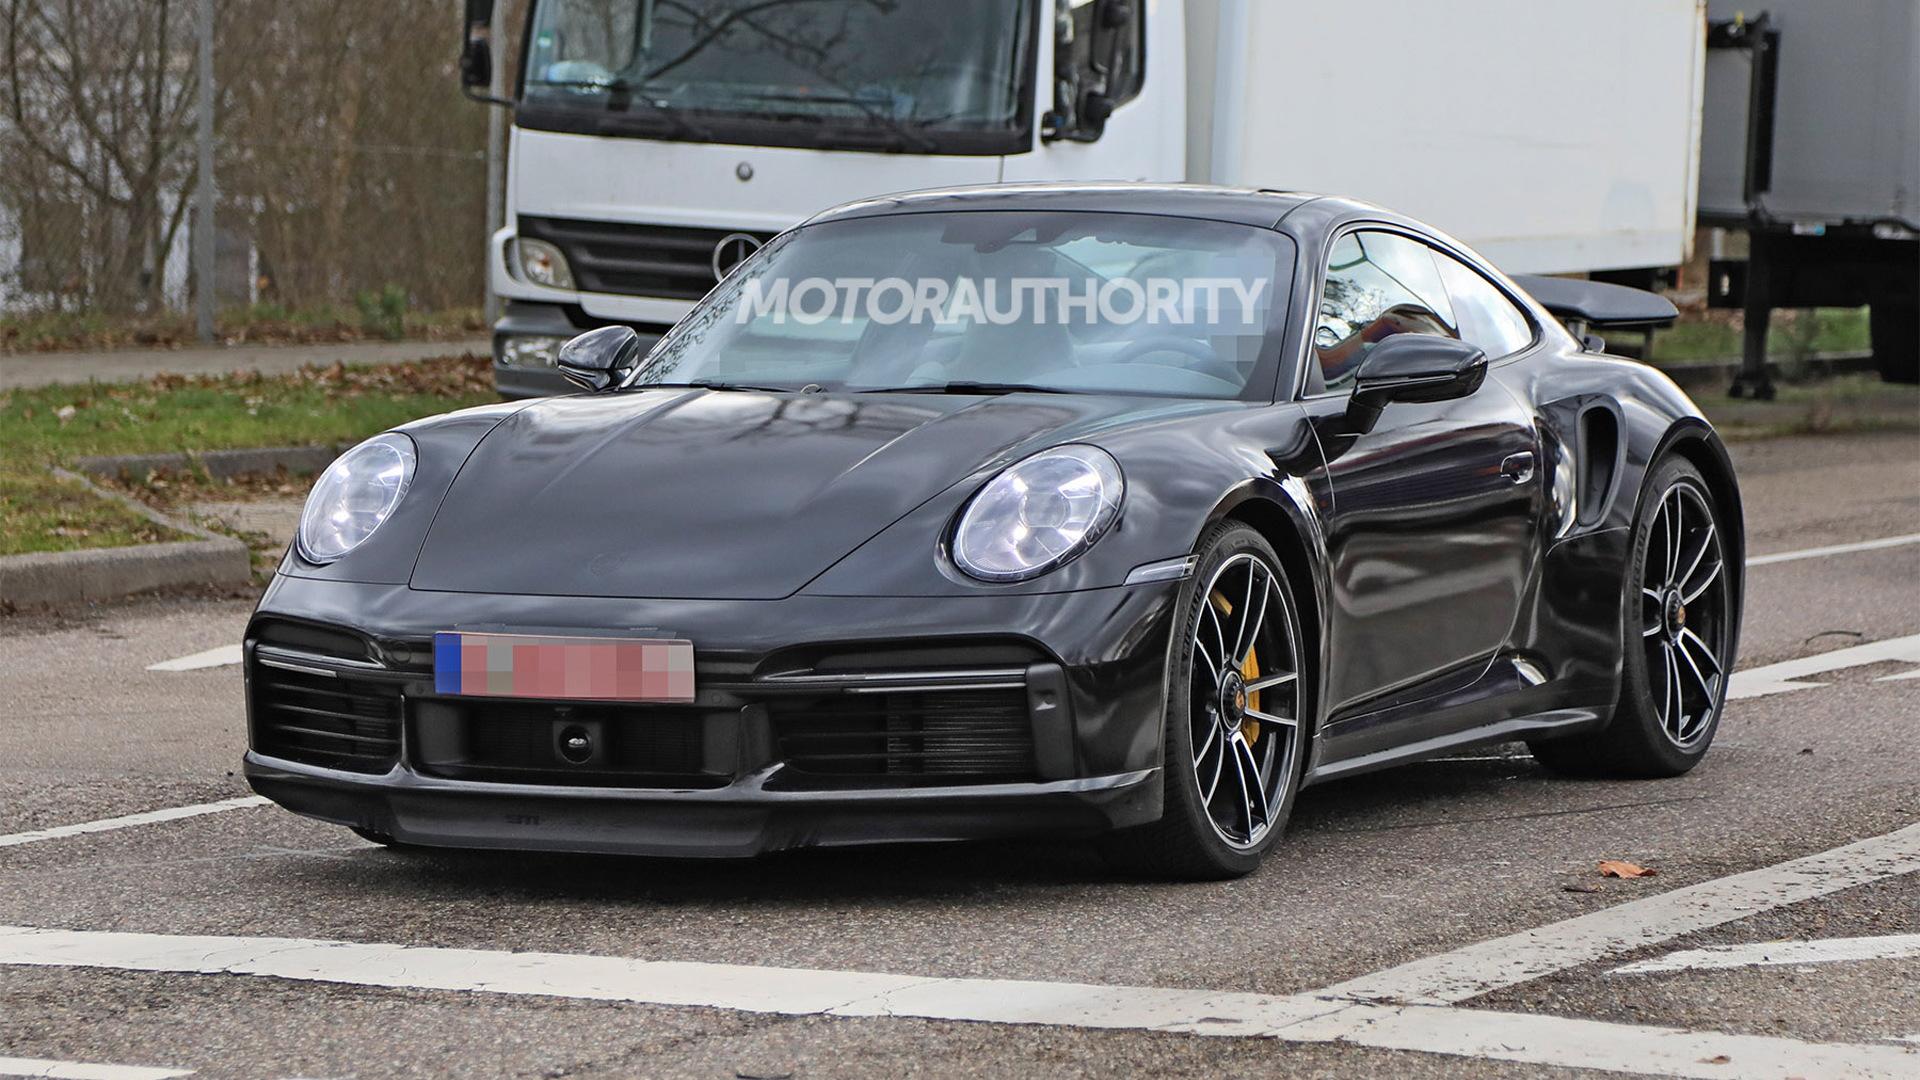 2020 Porsche 911 Turbo spy shots - Photo credit: S. Baldauf/SB-Medien